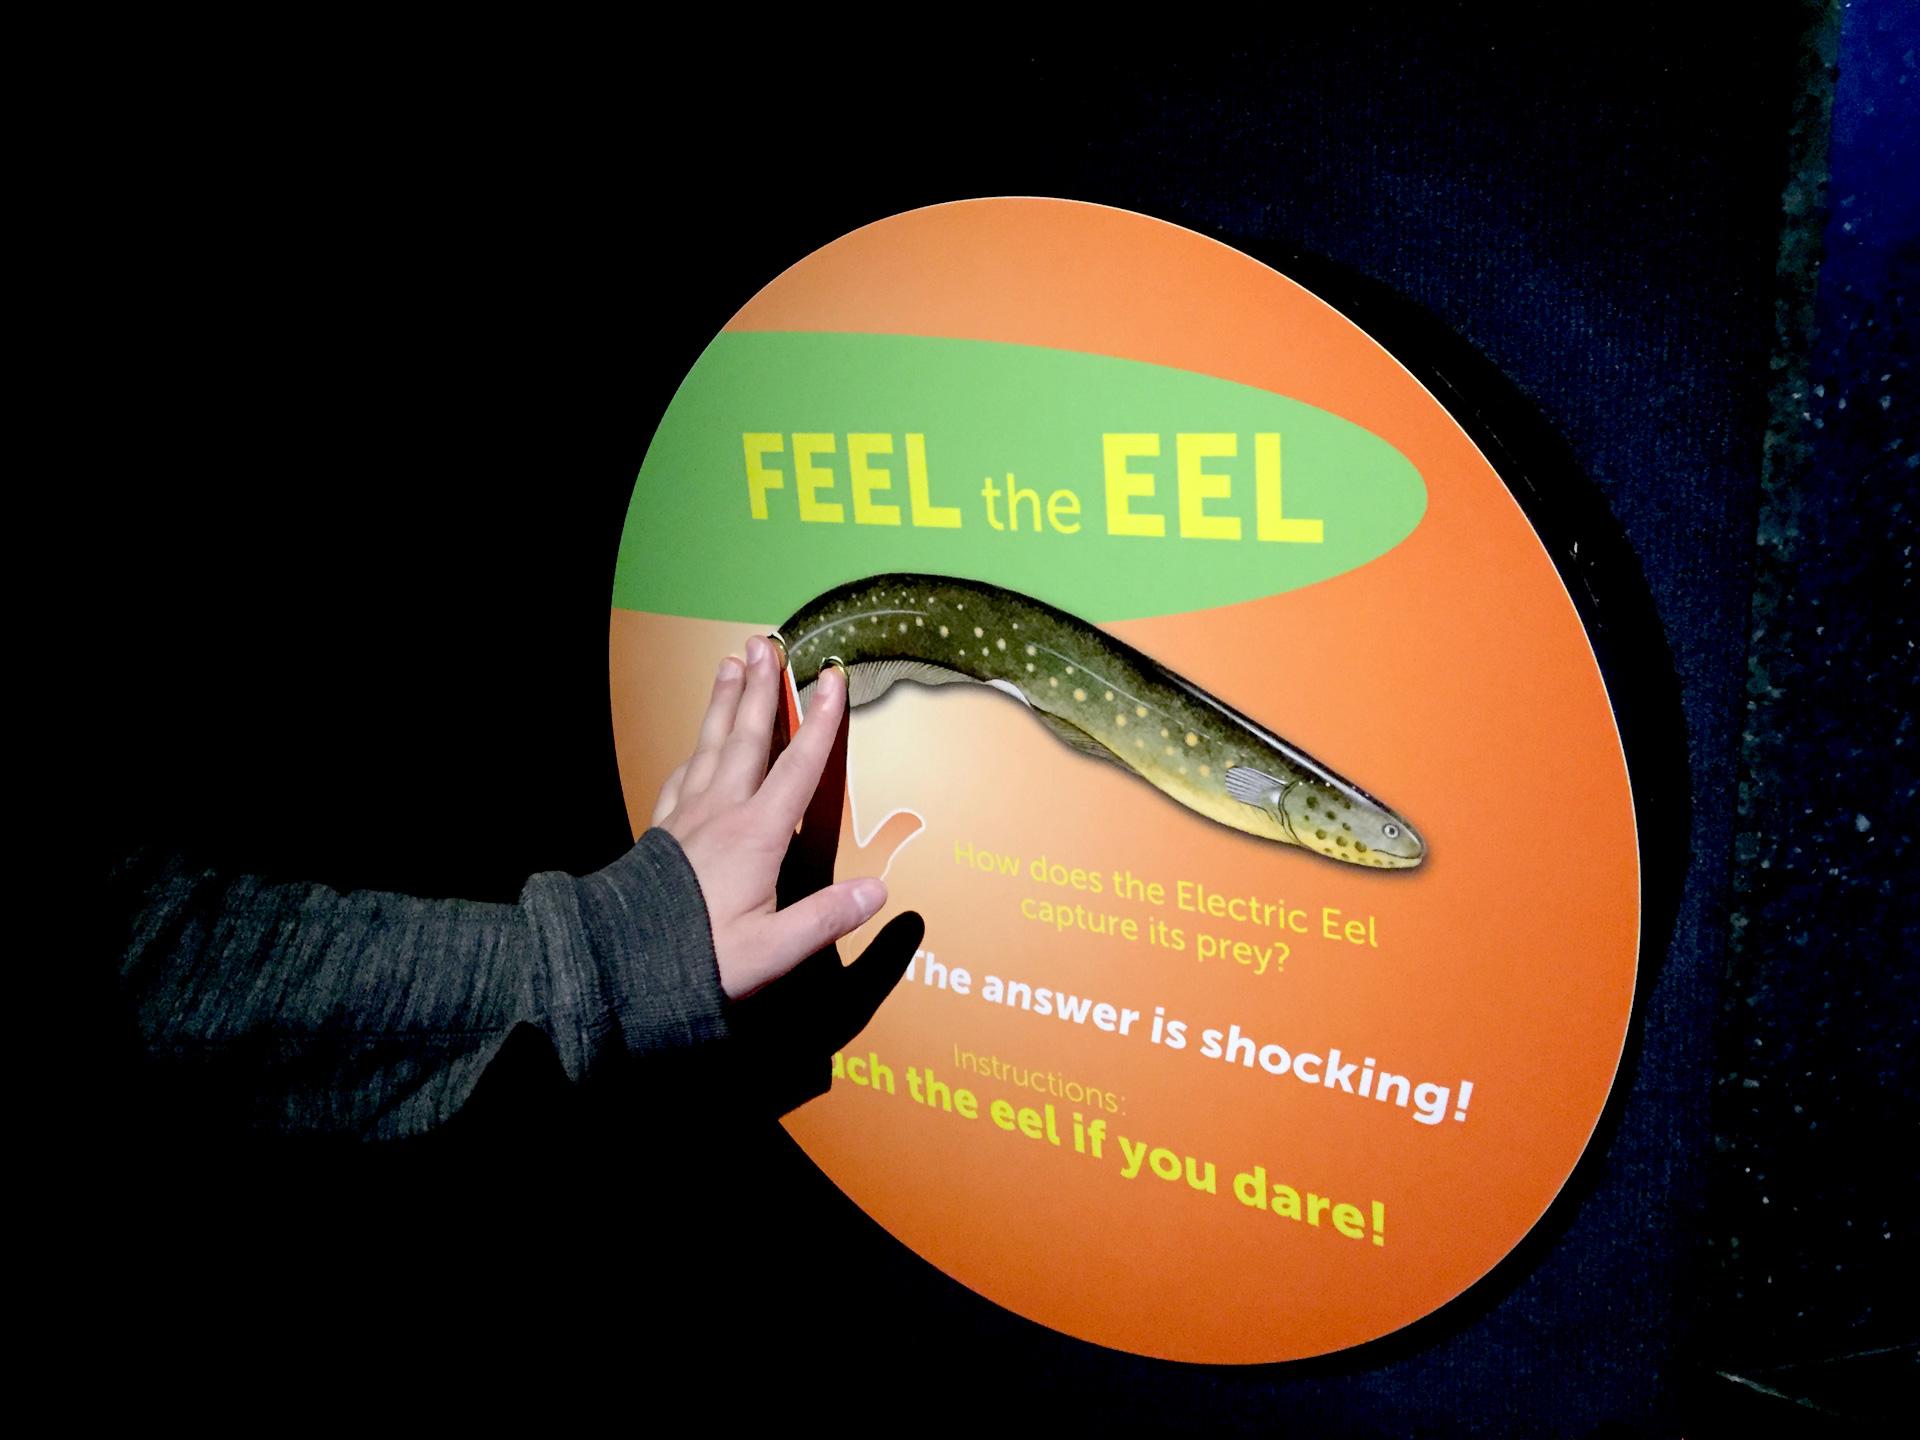 La demostración de la anguila eléctrica fue un favorito de la multitud